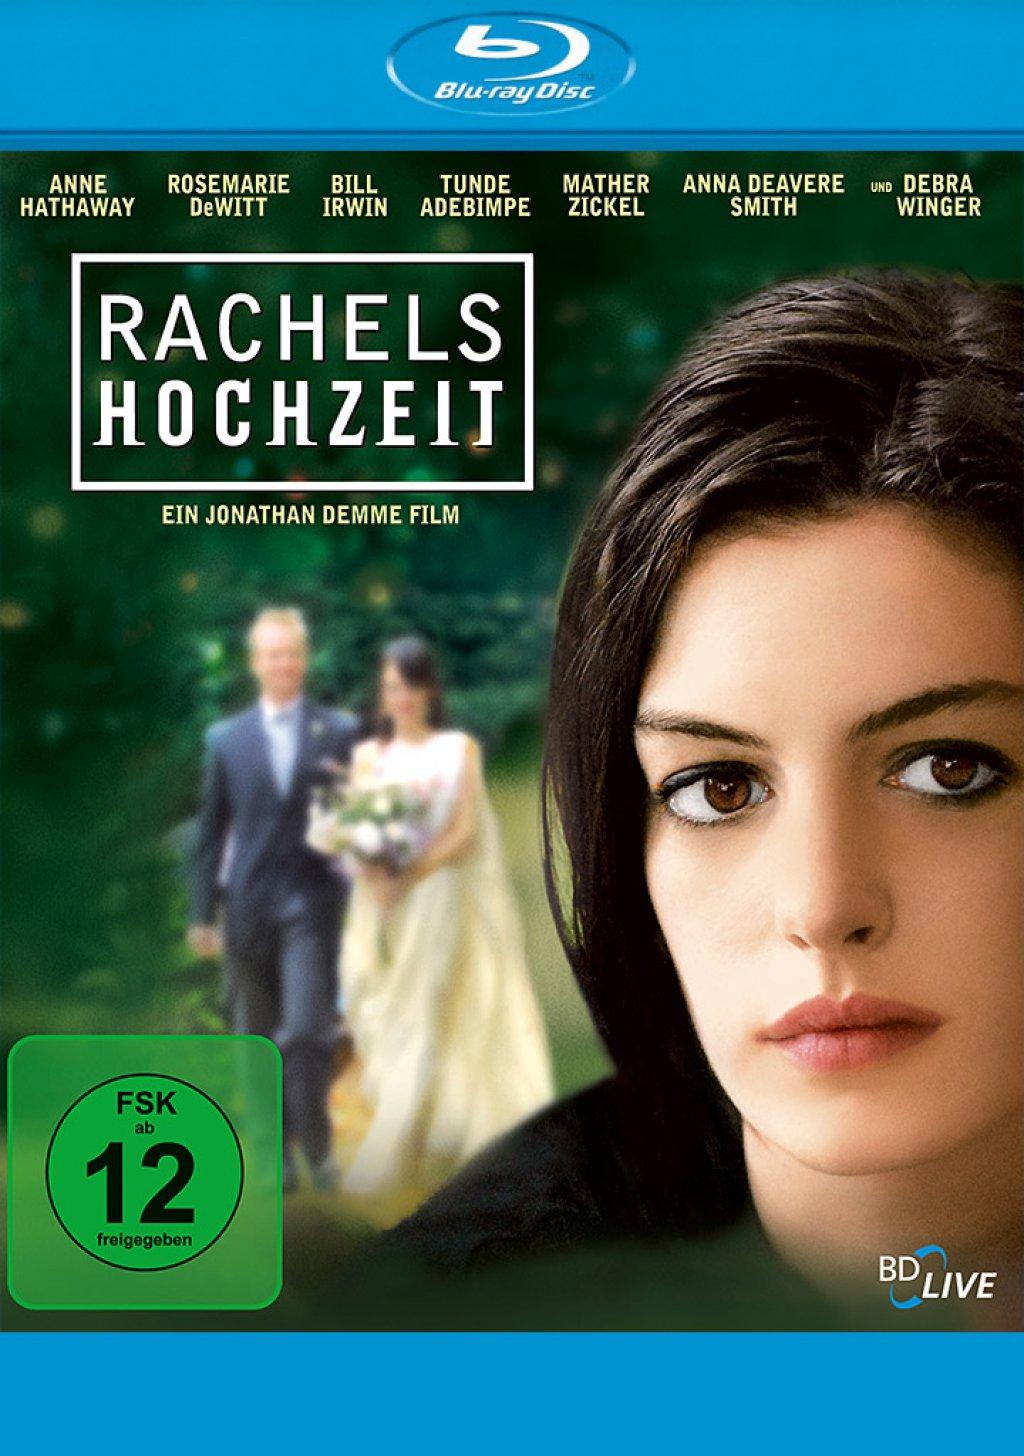 Rachels Hochzeit (Blu-ray)